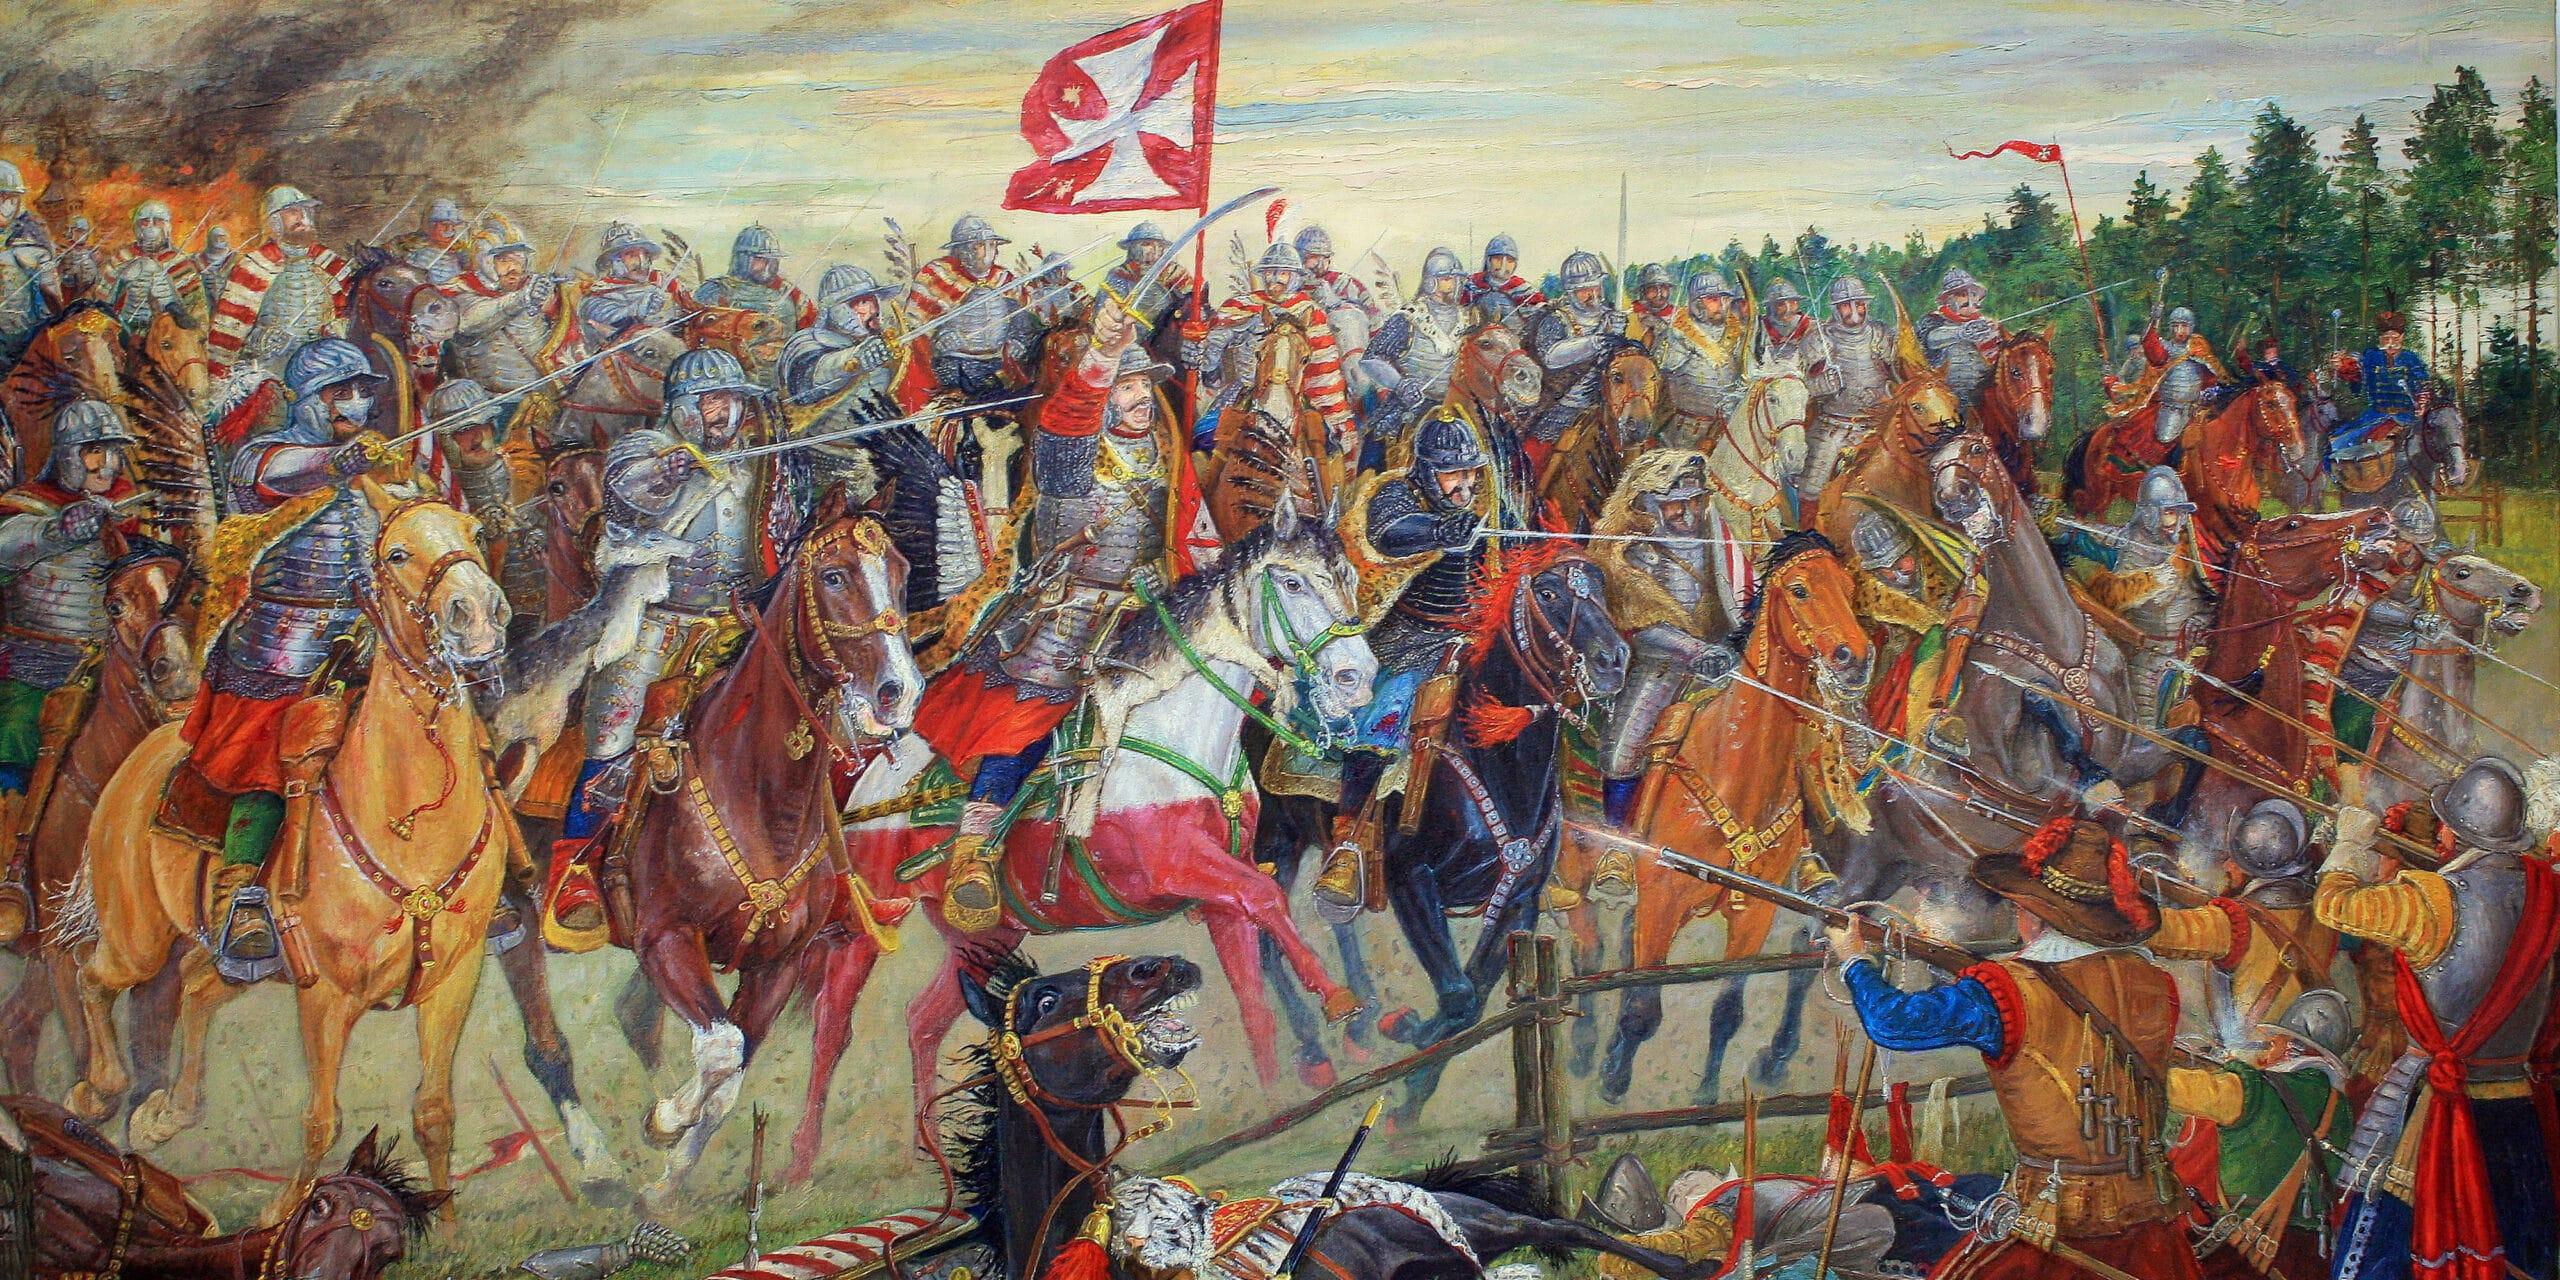 Rocznica zwycięstwa pod Kłuszynem. 410 lat temu wojska Stanisława Żółkiewskiego rozgromiły kilkukrotnie większe siły Księstwa Moskiewskiego